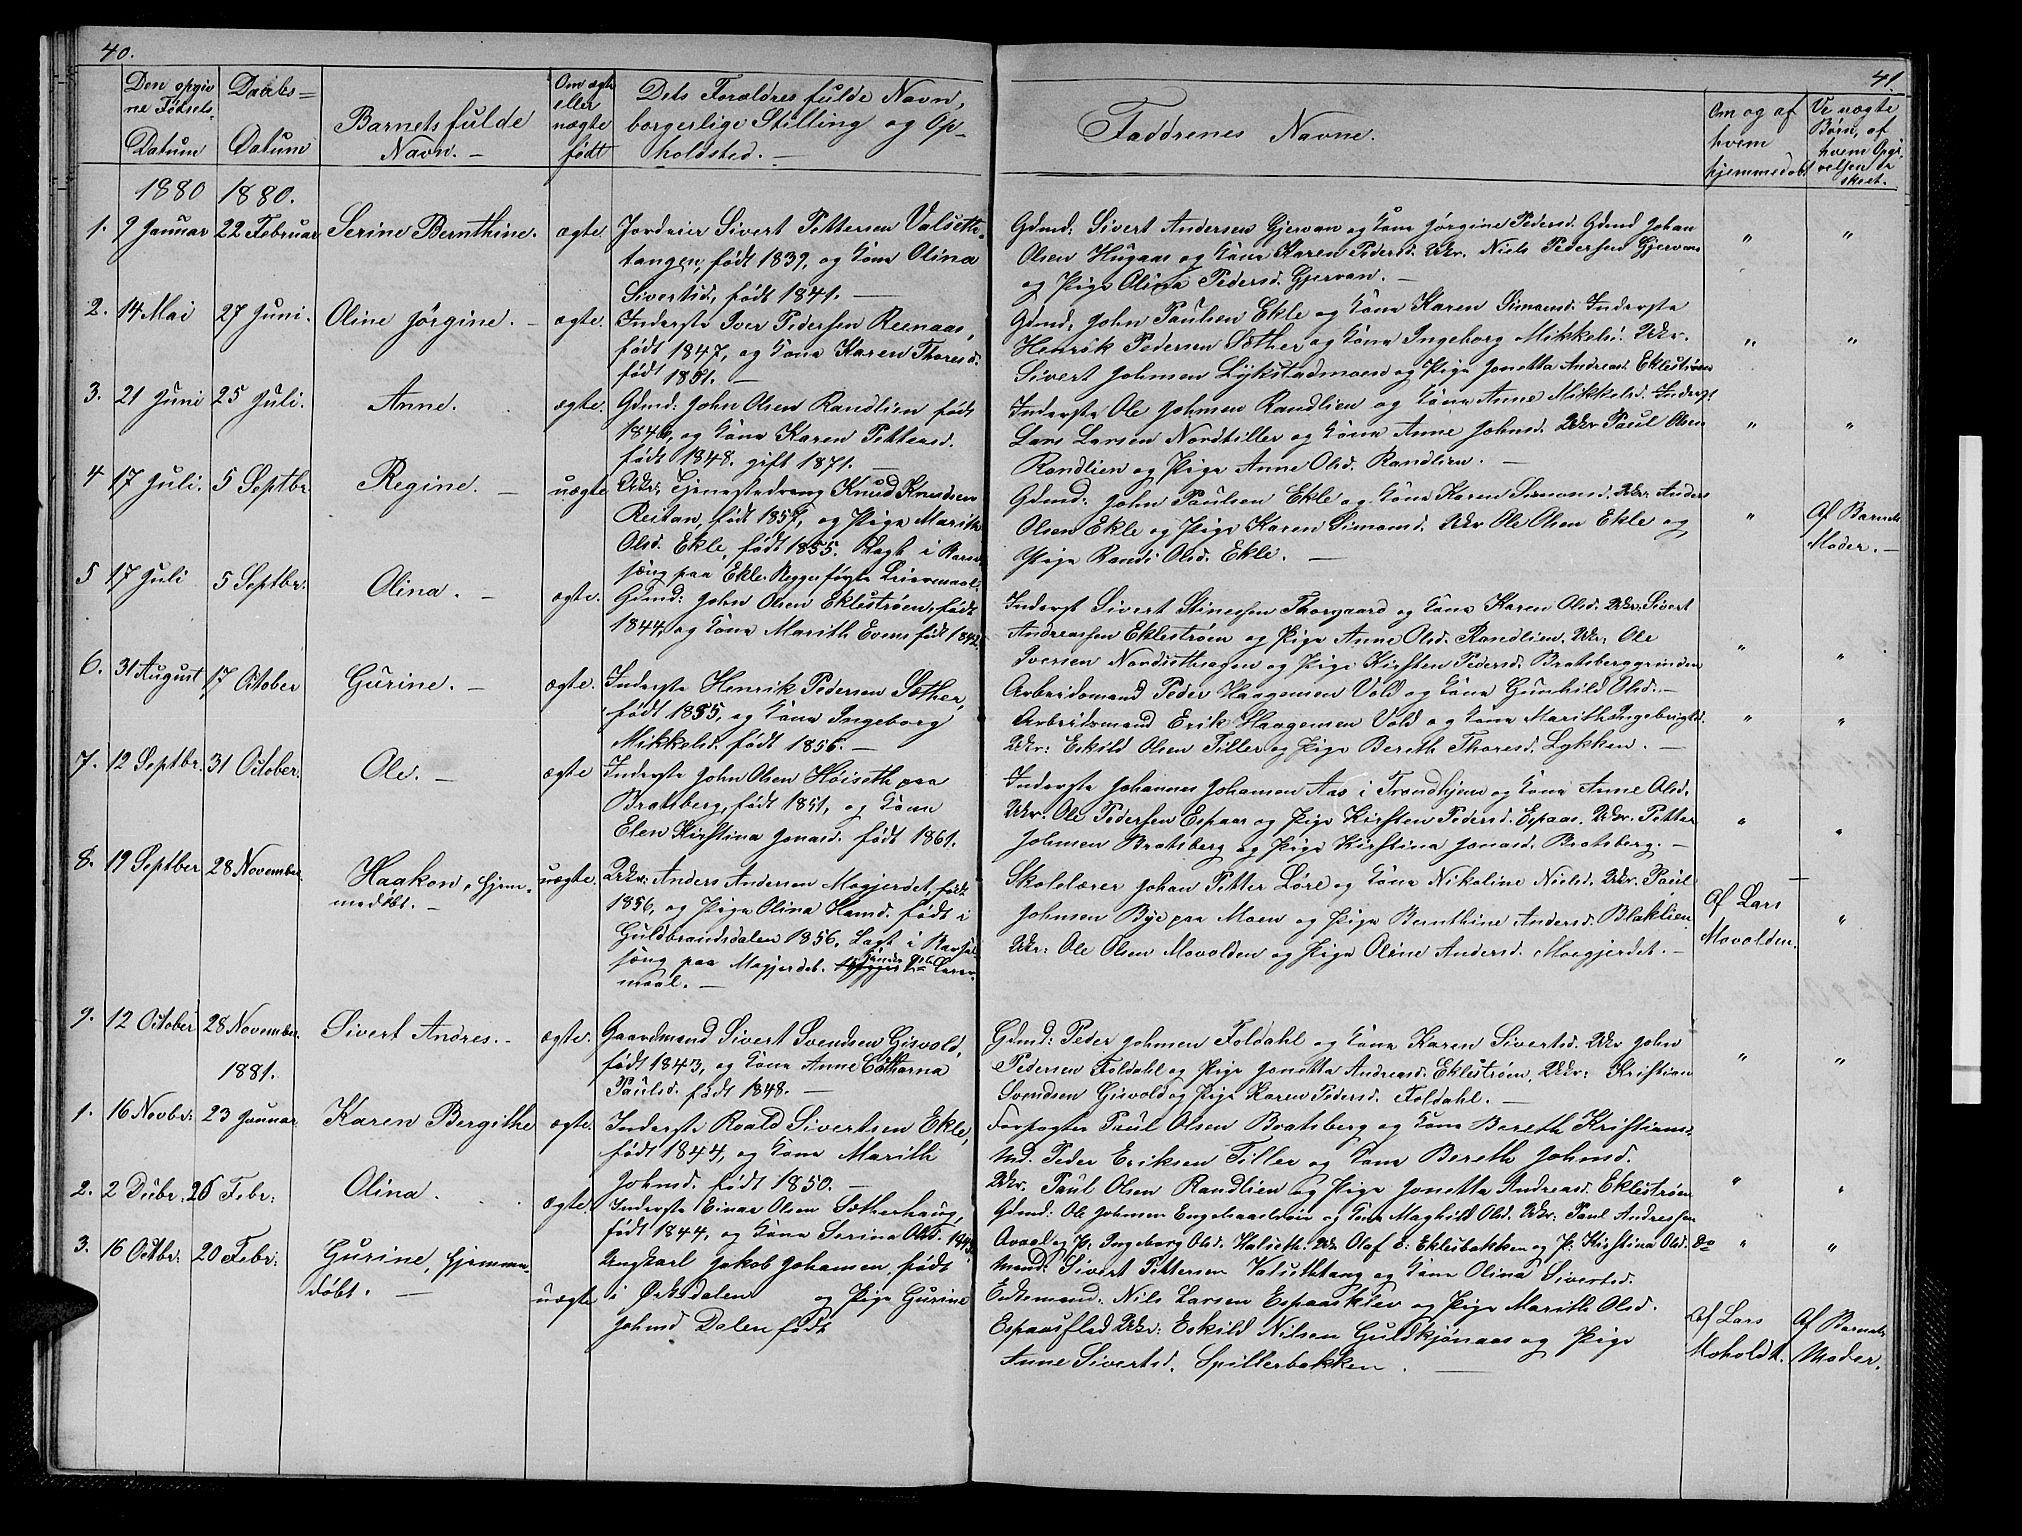 SAT, Ministerialprotokoller, klokkerbøker og fødselsregistre - Sør-Trøndelag, 608/L0340: Klokkerbok nr. 608C06, 1864-1889, s. 40-41